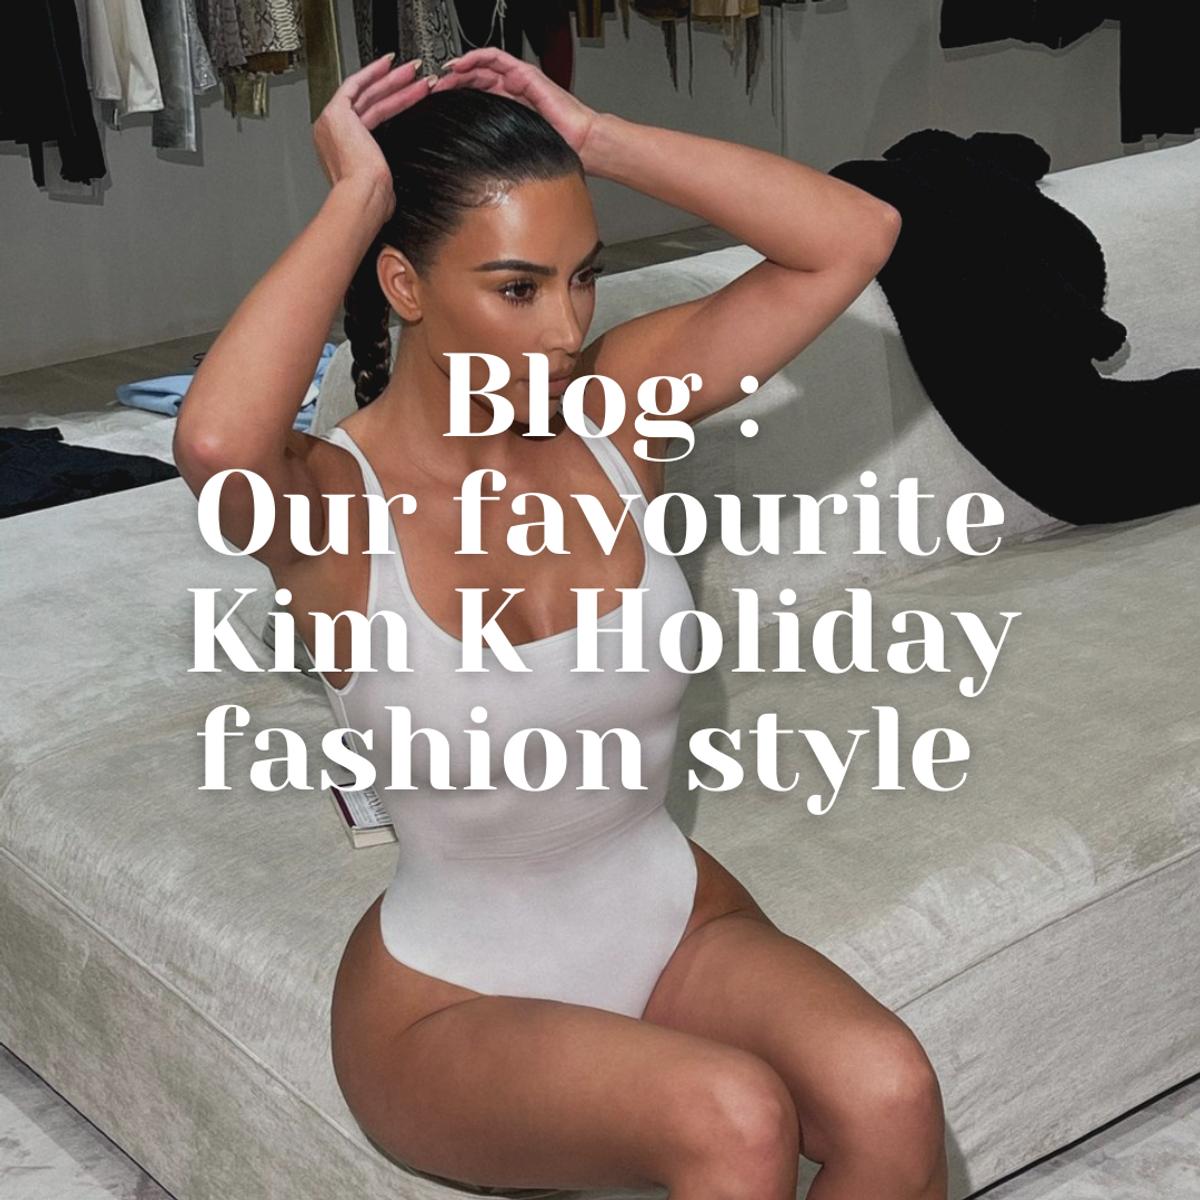 Our Favourite Kim Kardashian Holiday Fashion Style